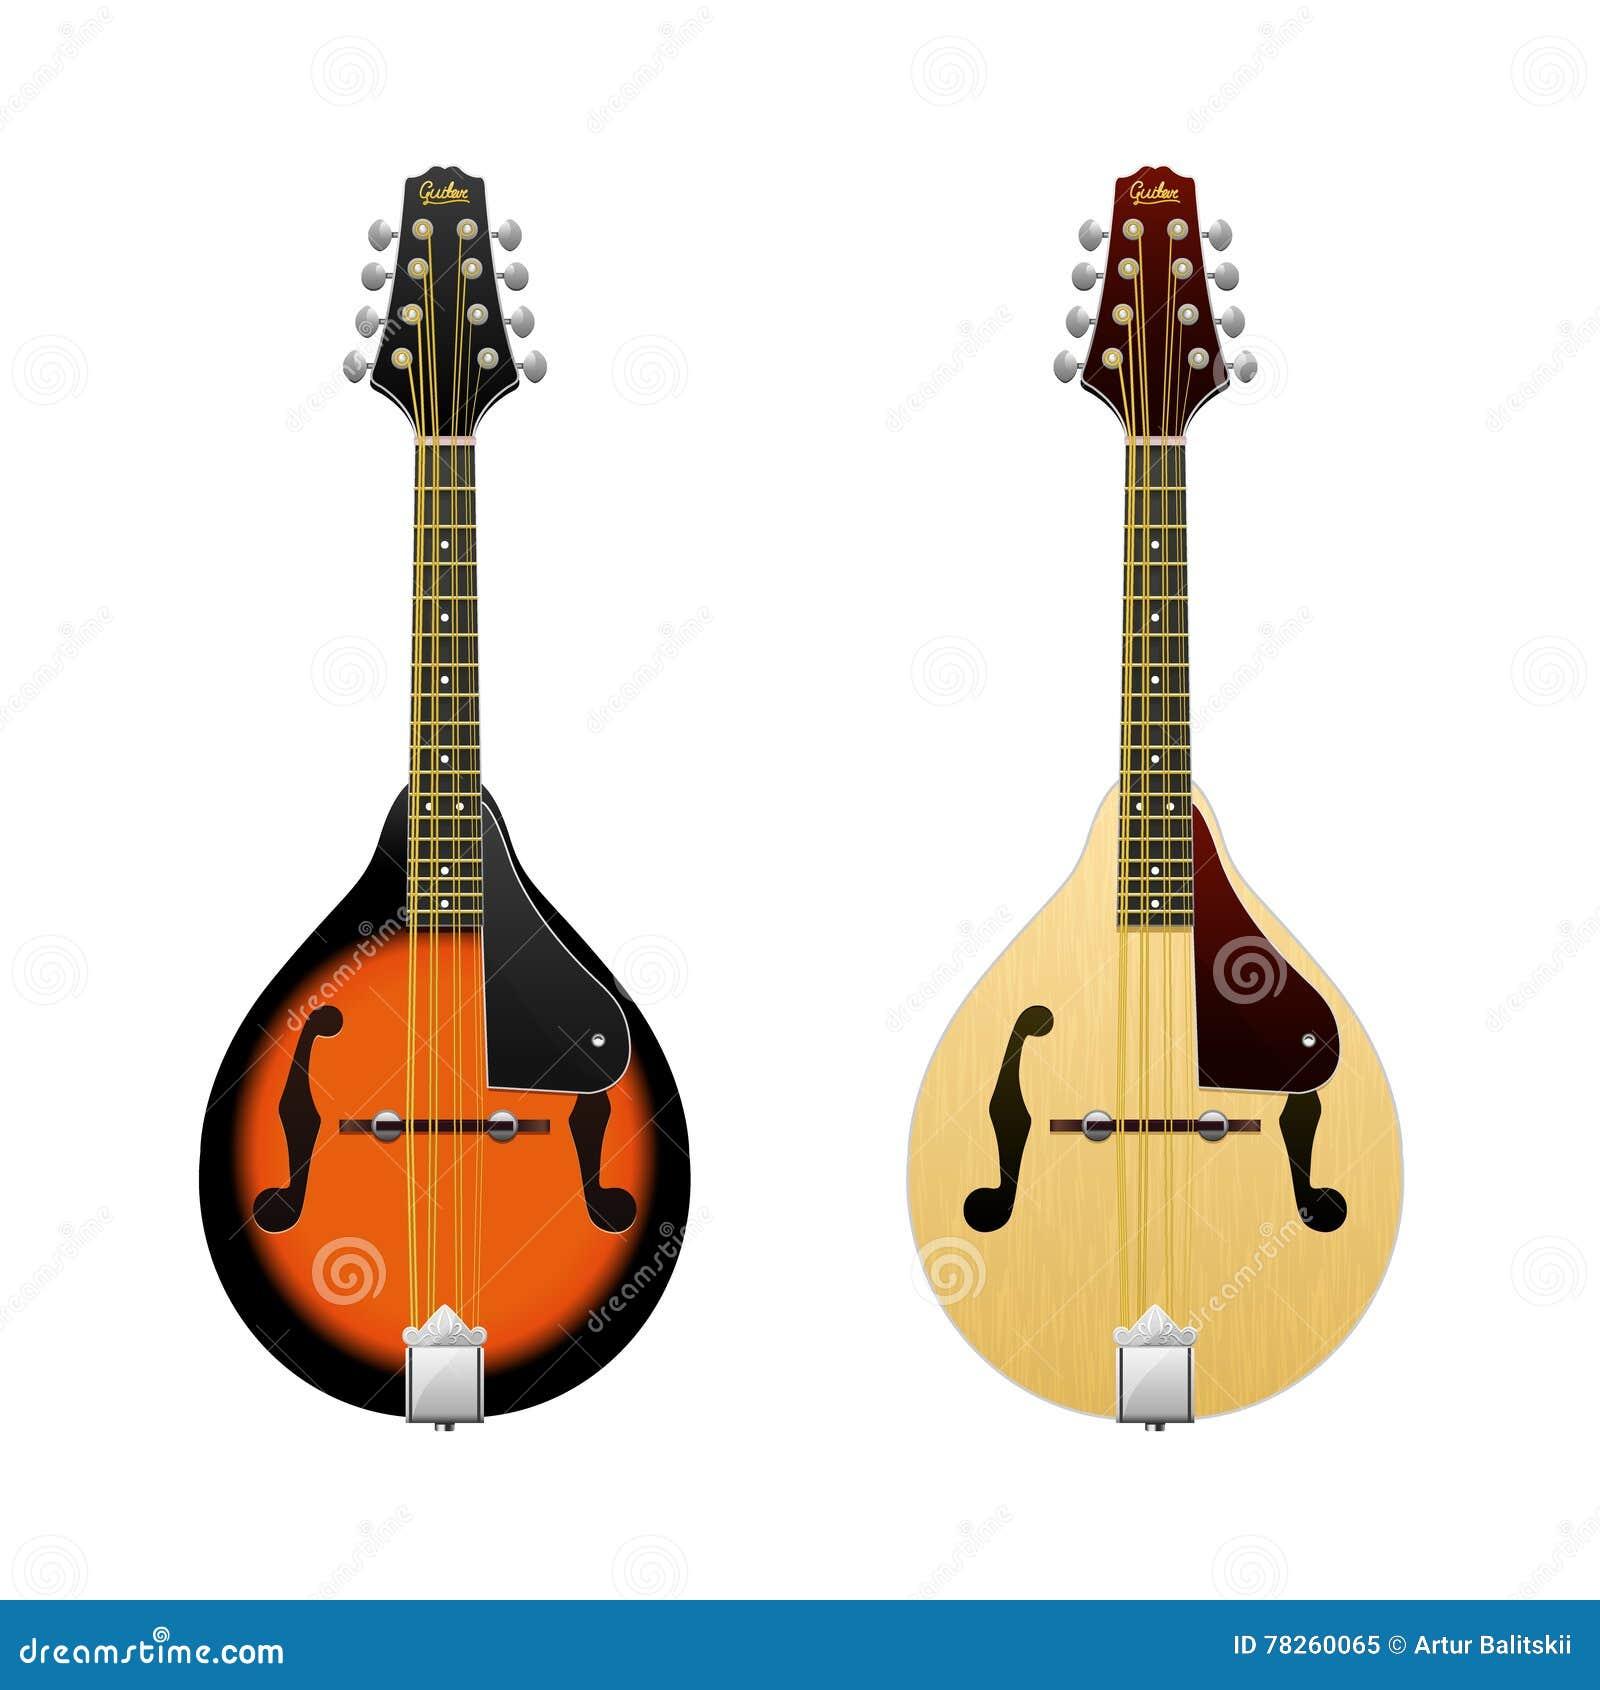 Ρεαλιστικό διανυσματικό μαντολίνο που απομονώνεται στις άσπρες μίνι-κιθάρες οργάνων φολκλορικής μουσικής μαντολίνων κατά την μπρο